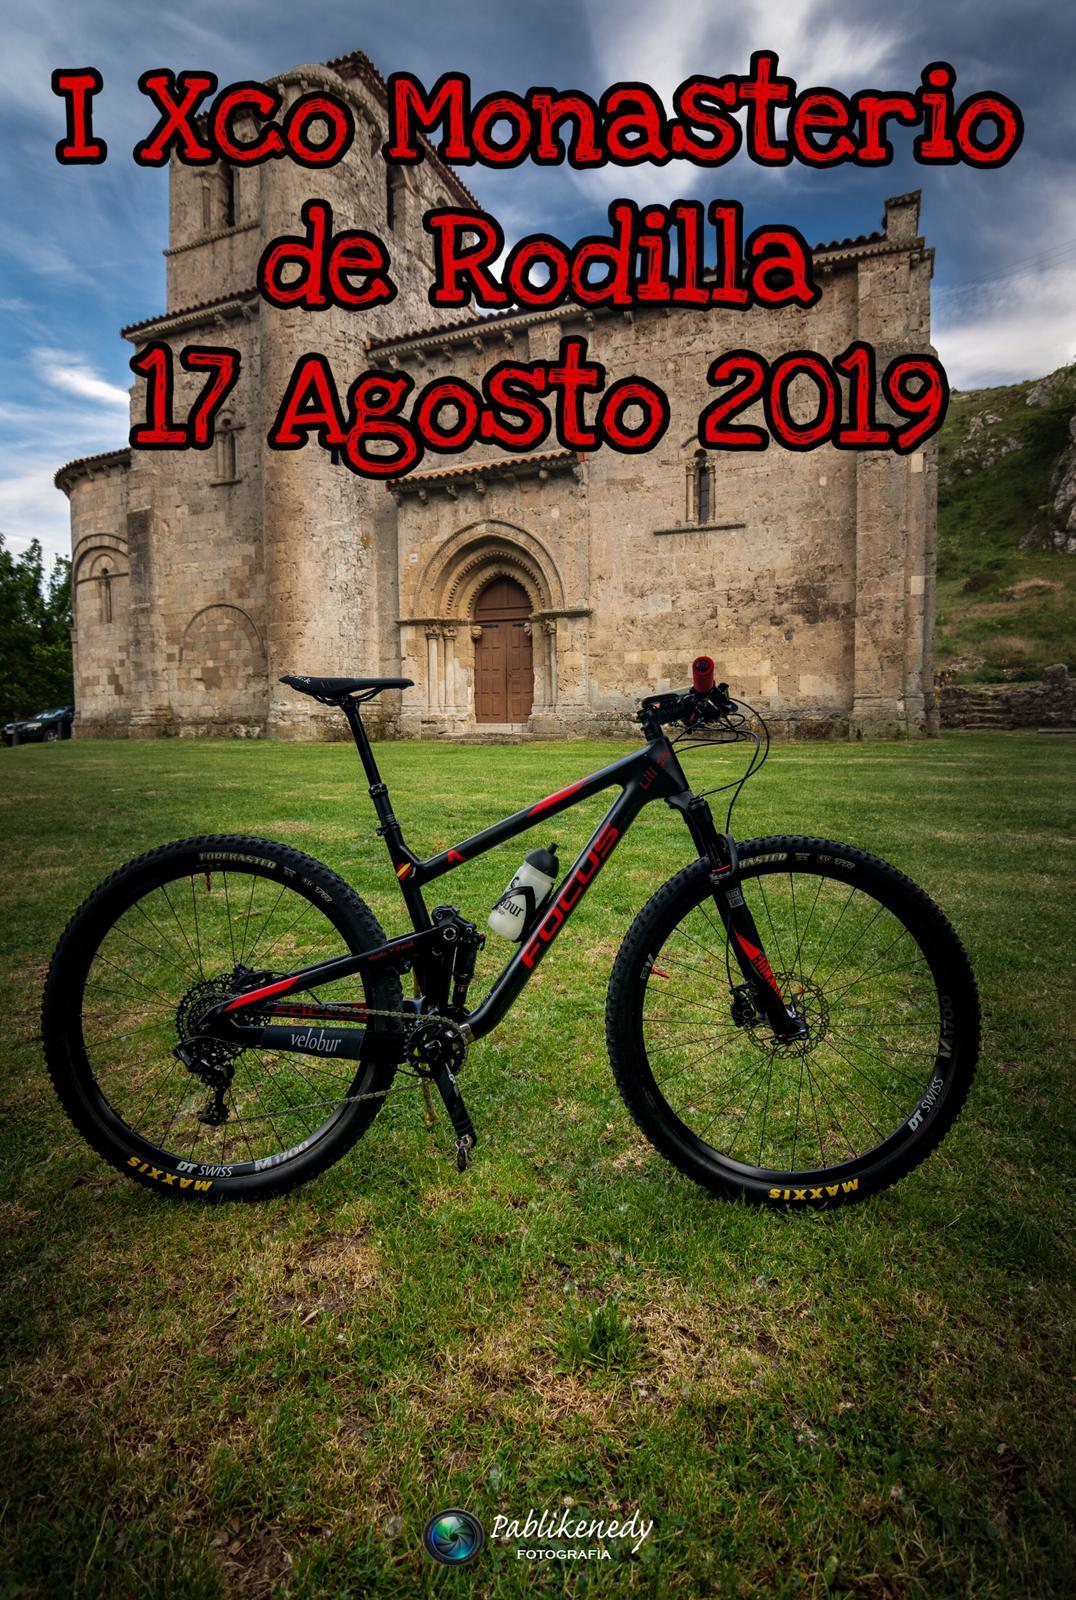 I XCO Monasterio de Rodilla